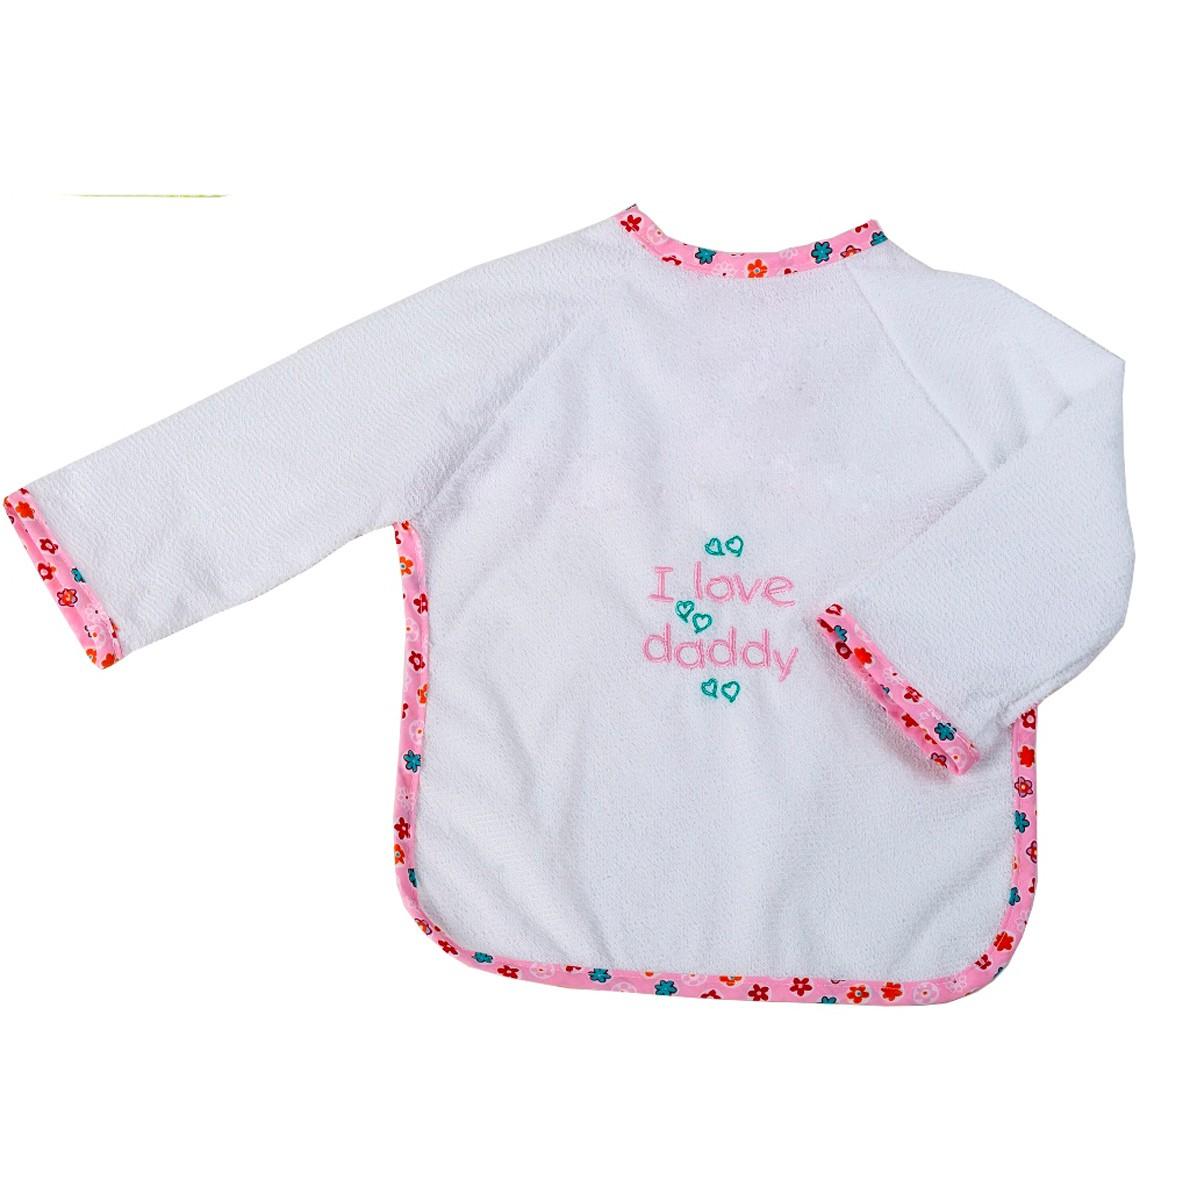 Σαλιάρα Με Μανίκια Κόσμος Του Μωρού 0610 Daddy Ροζ